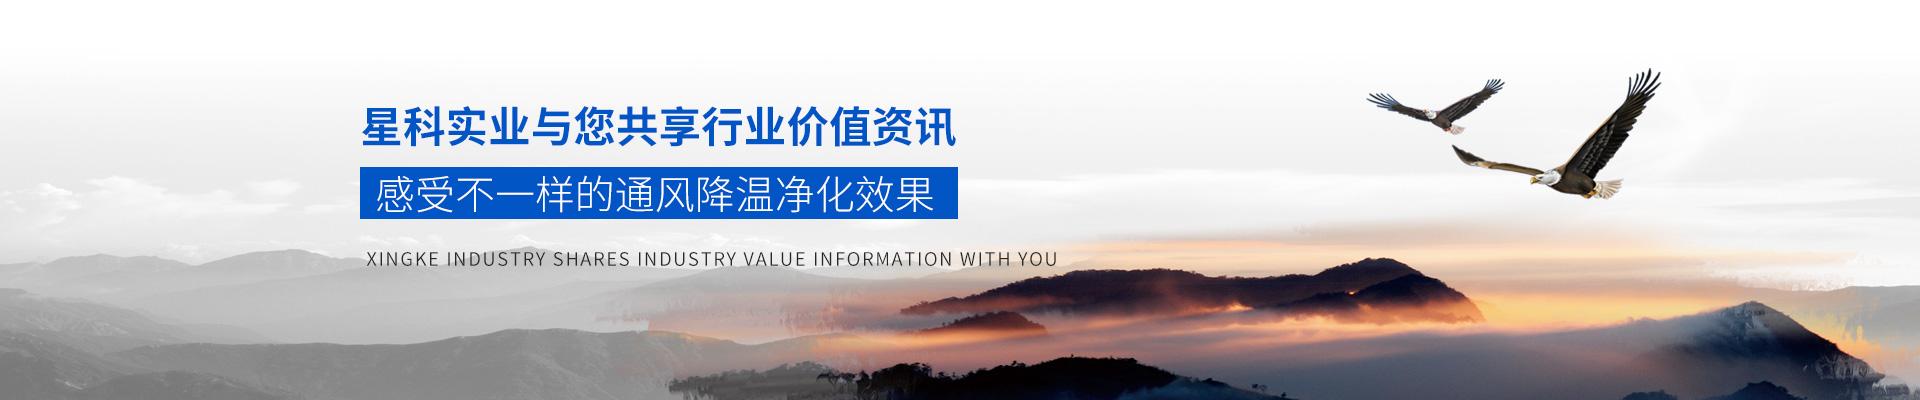 星科实业-与您共享行业价值资讯